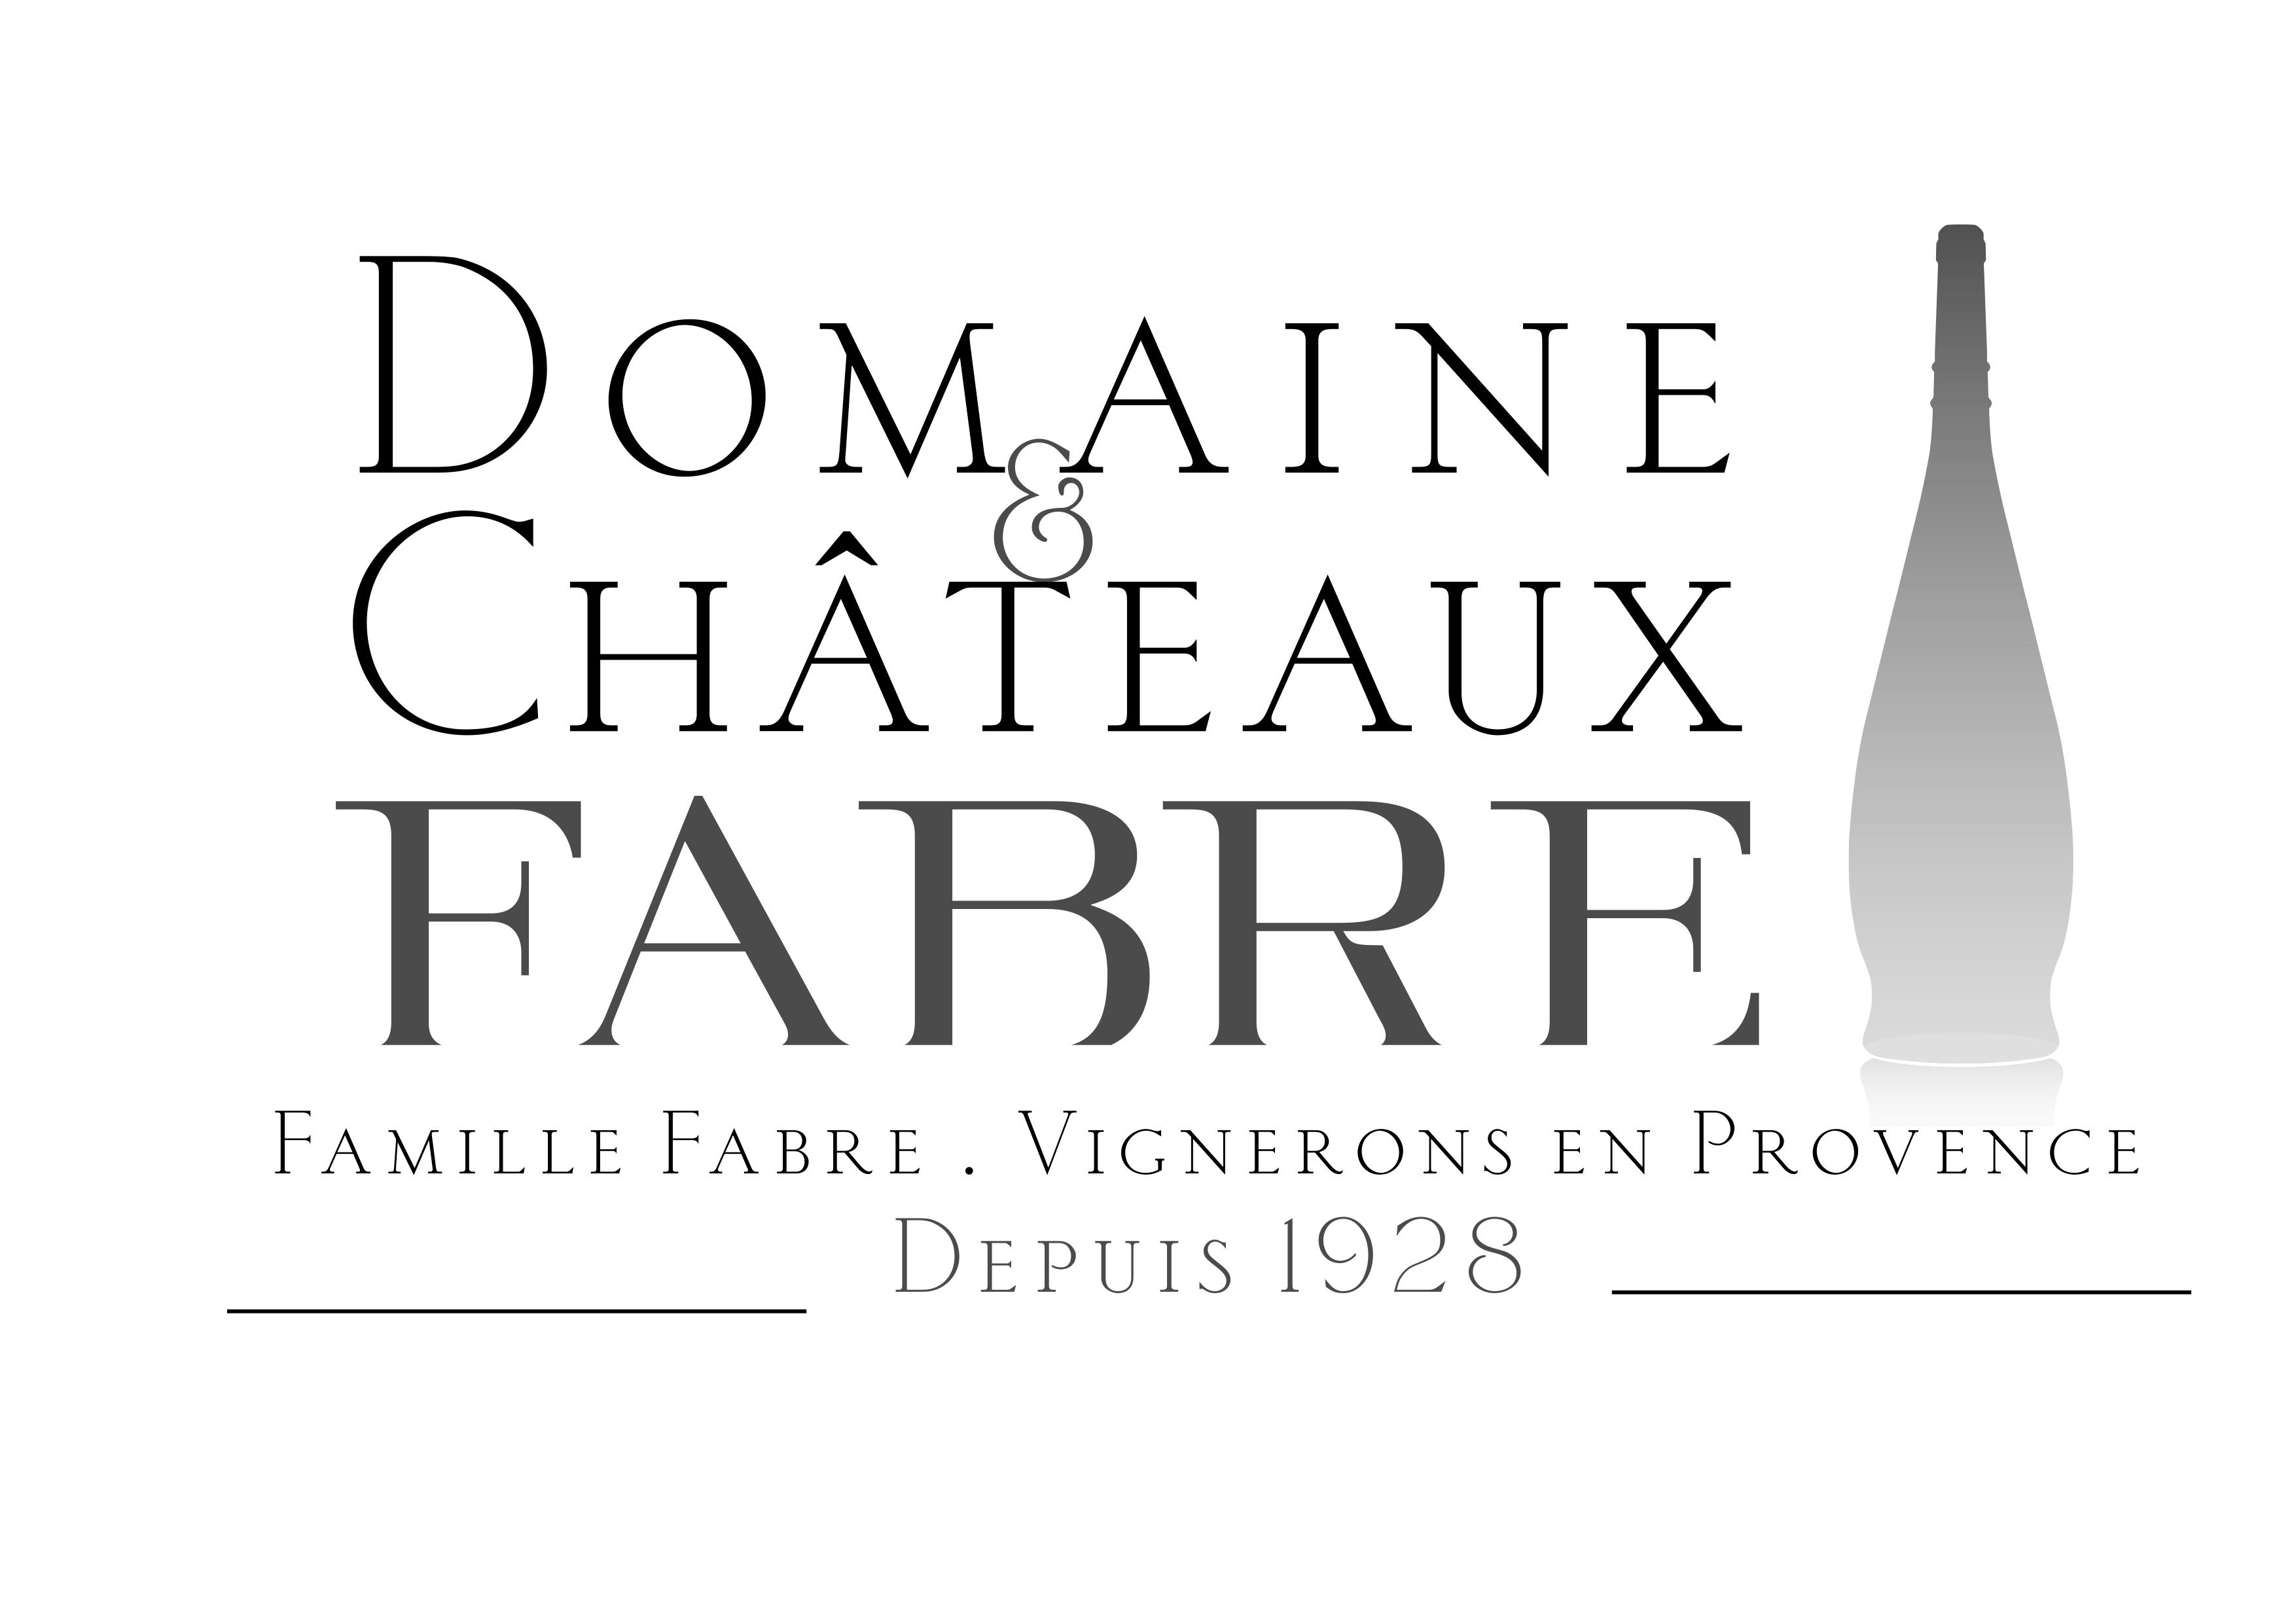 Domaine & Chateaux Fabre